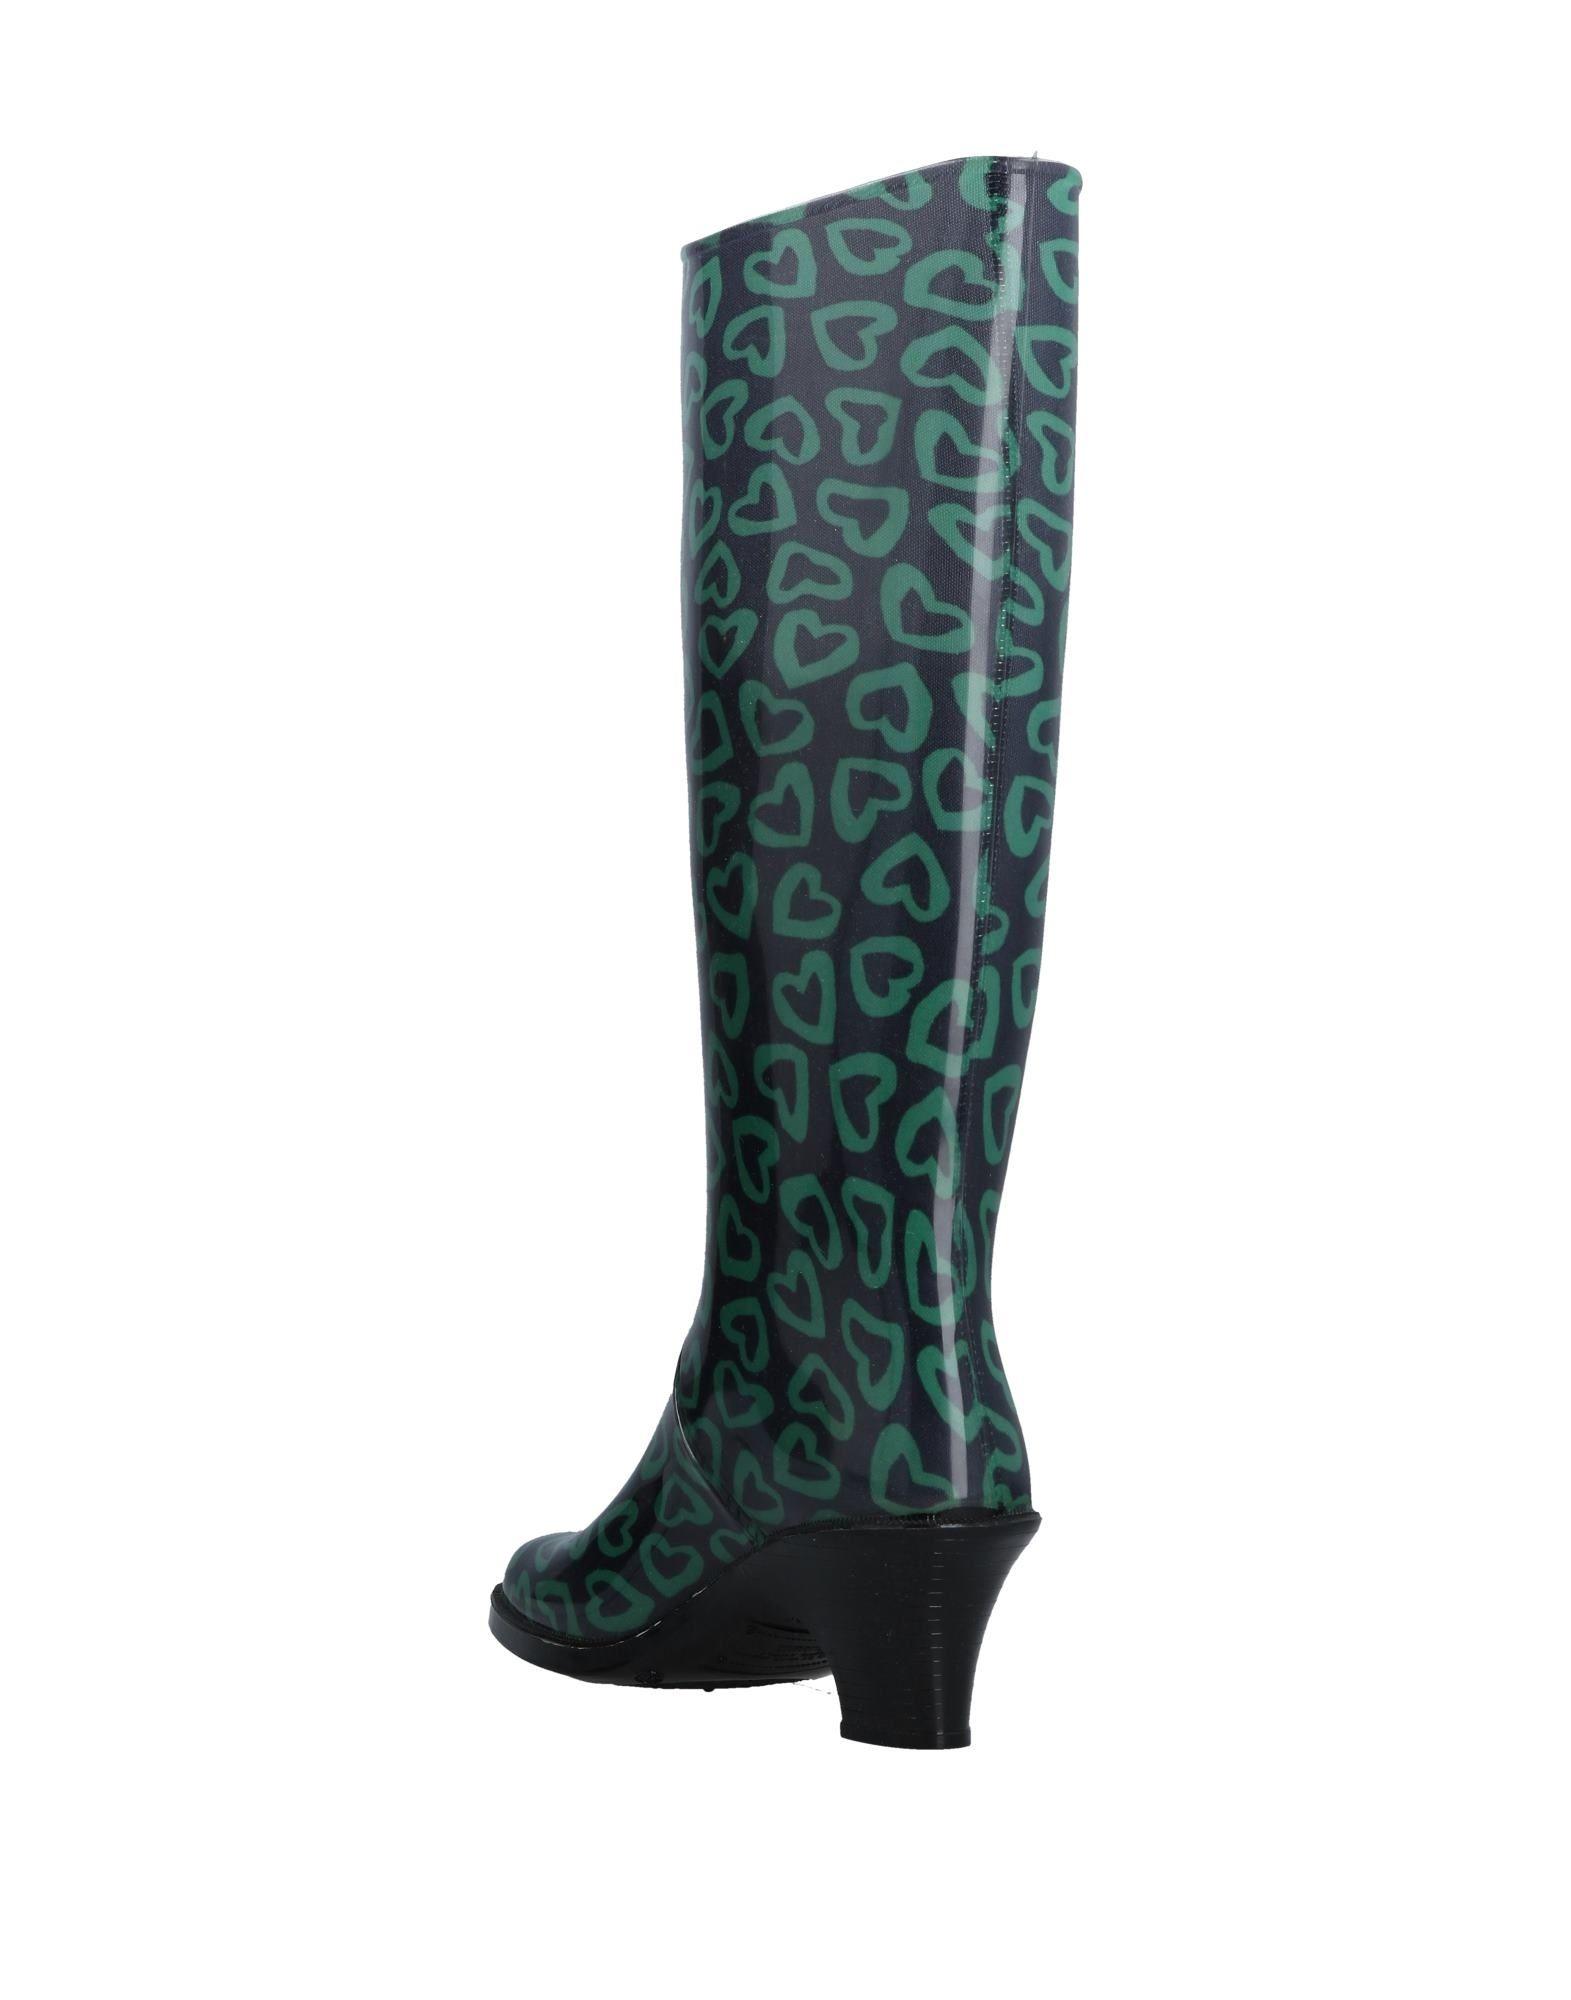 Gut um Stiefel billige Schuhe zu tragenMarc By Marc Jacobs Stiefel um Damen  11013294MB 7e6616